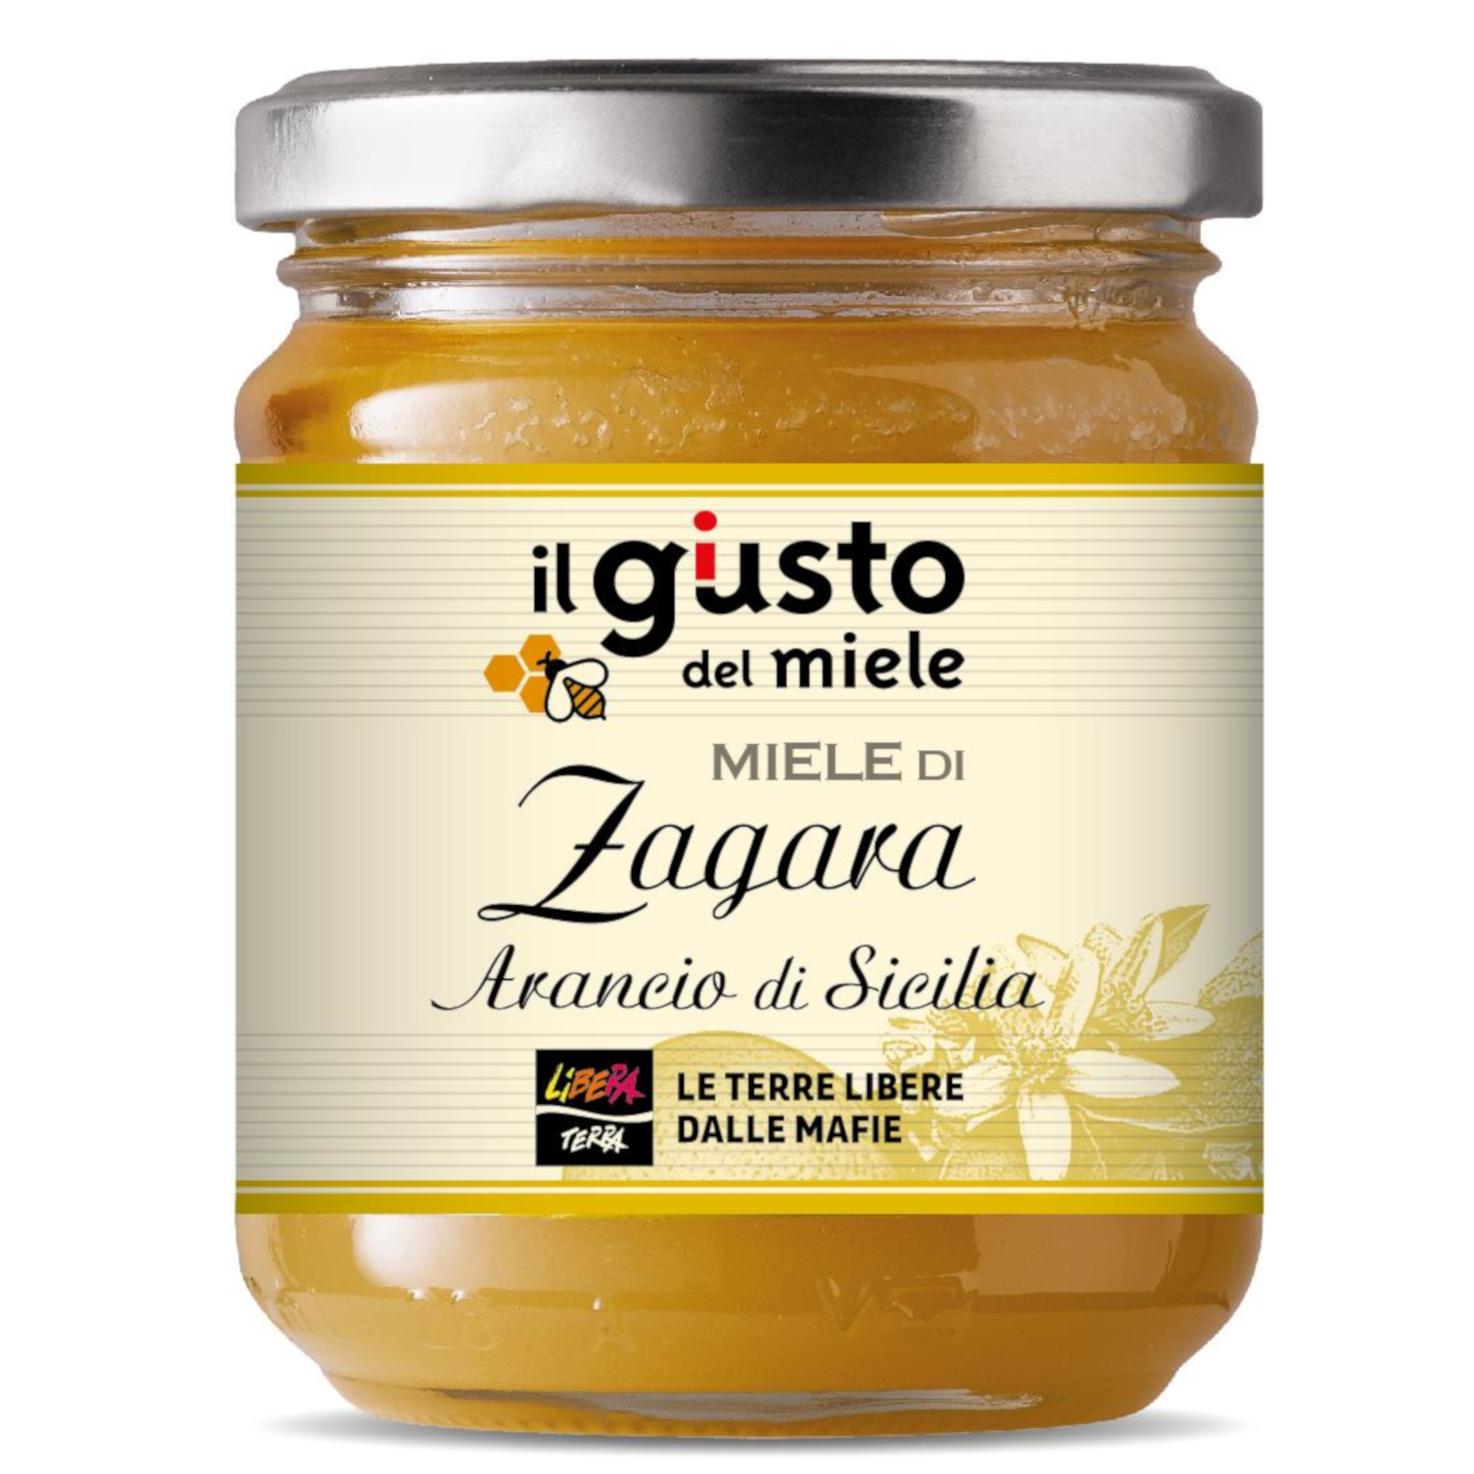 Miele di Zagara di Arancio di Sicilia 250g